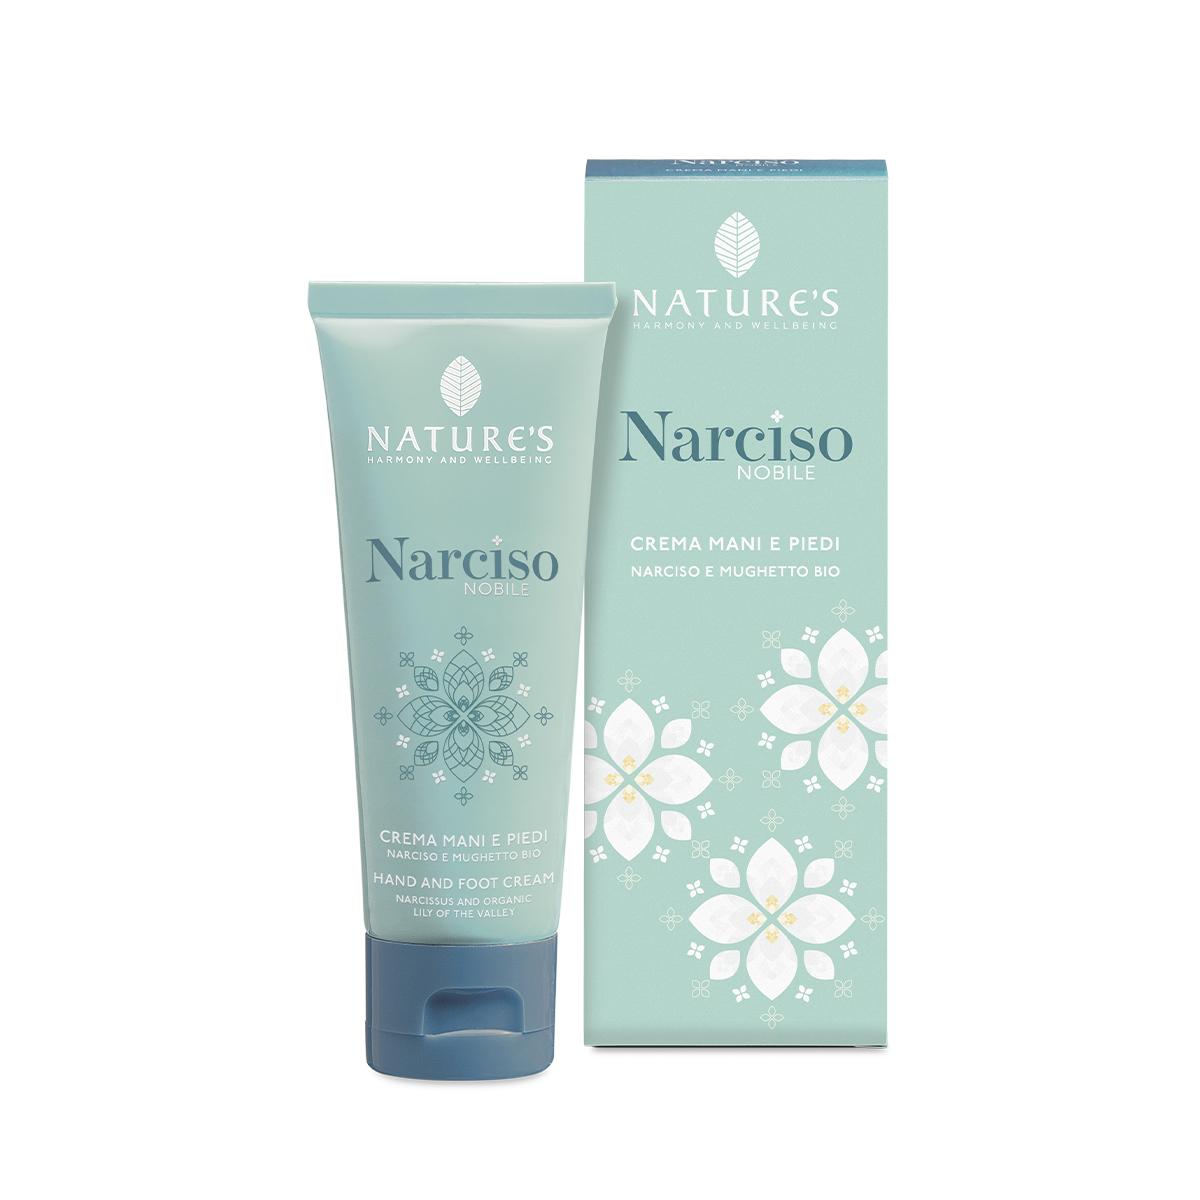 Crema Mani e Piedi Narciso Nobile